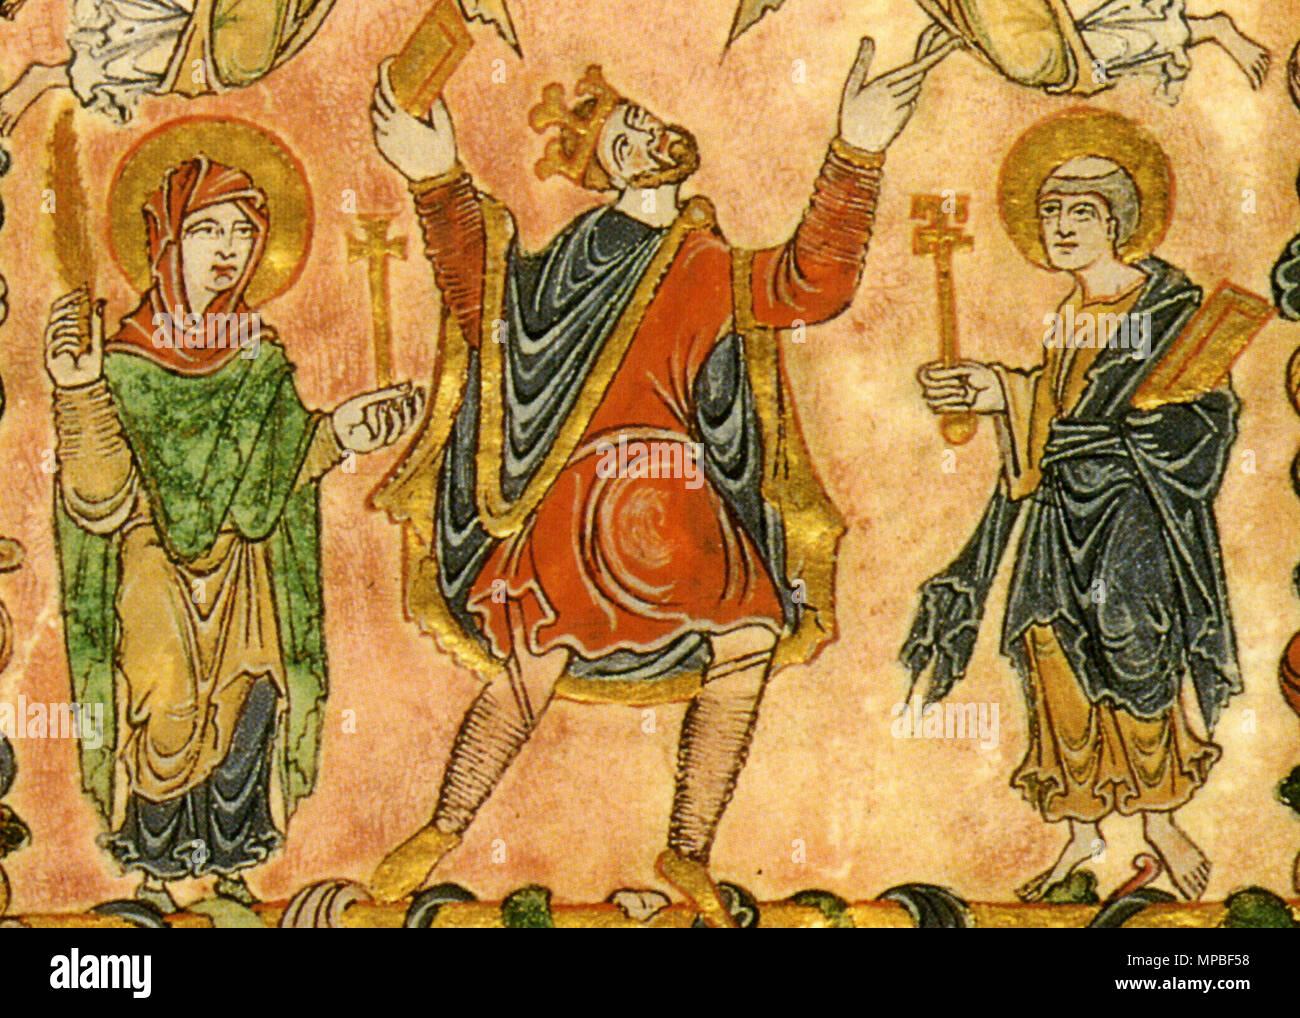 . Détail de la miniature de la nouvelle Charte Minster, 966, montrant le roi Edgar flanqué par la Vierge Marie et St Peter . 966. 923 Inconnu 966 détail Nouvelle Charte Minster Photo Stock